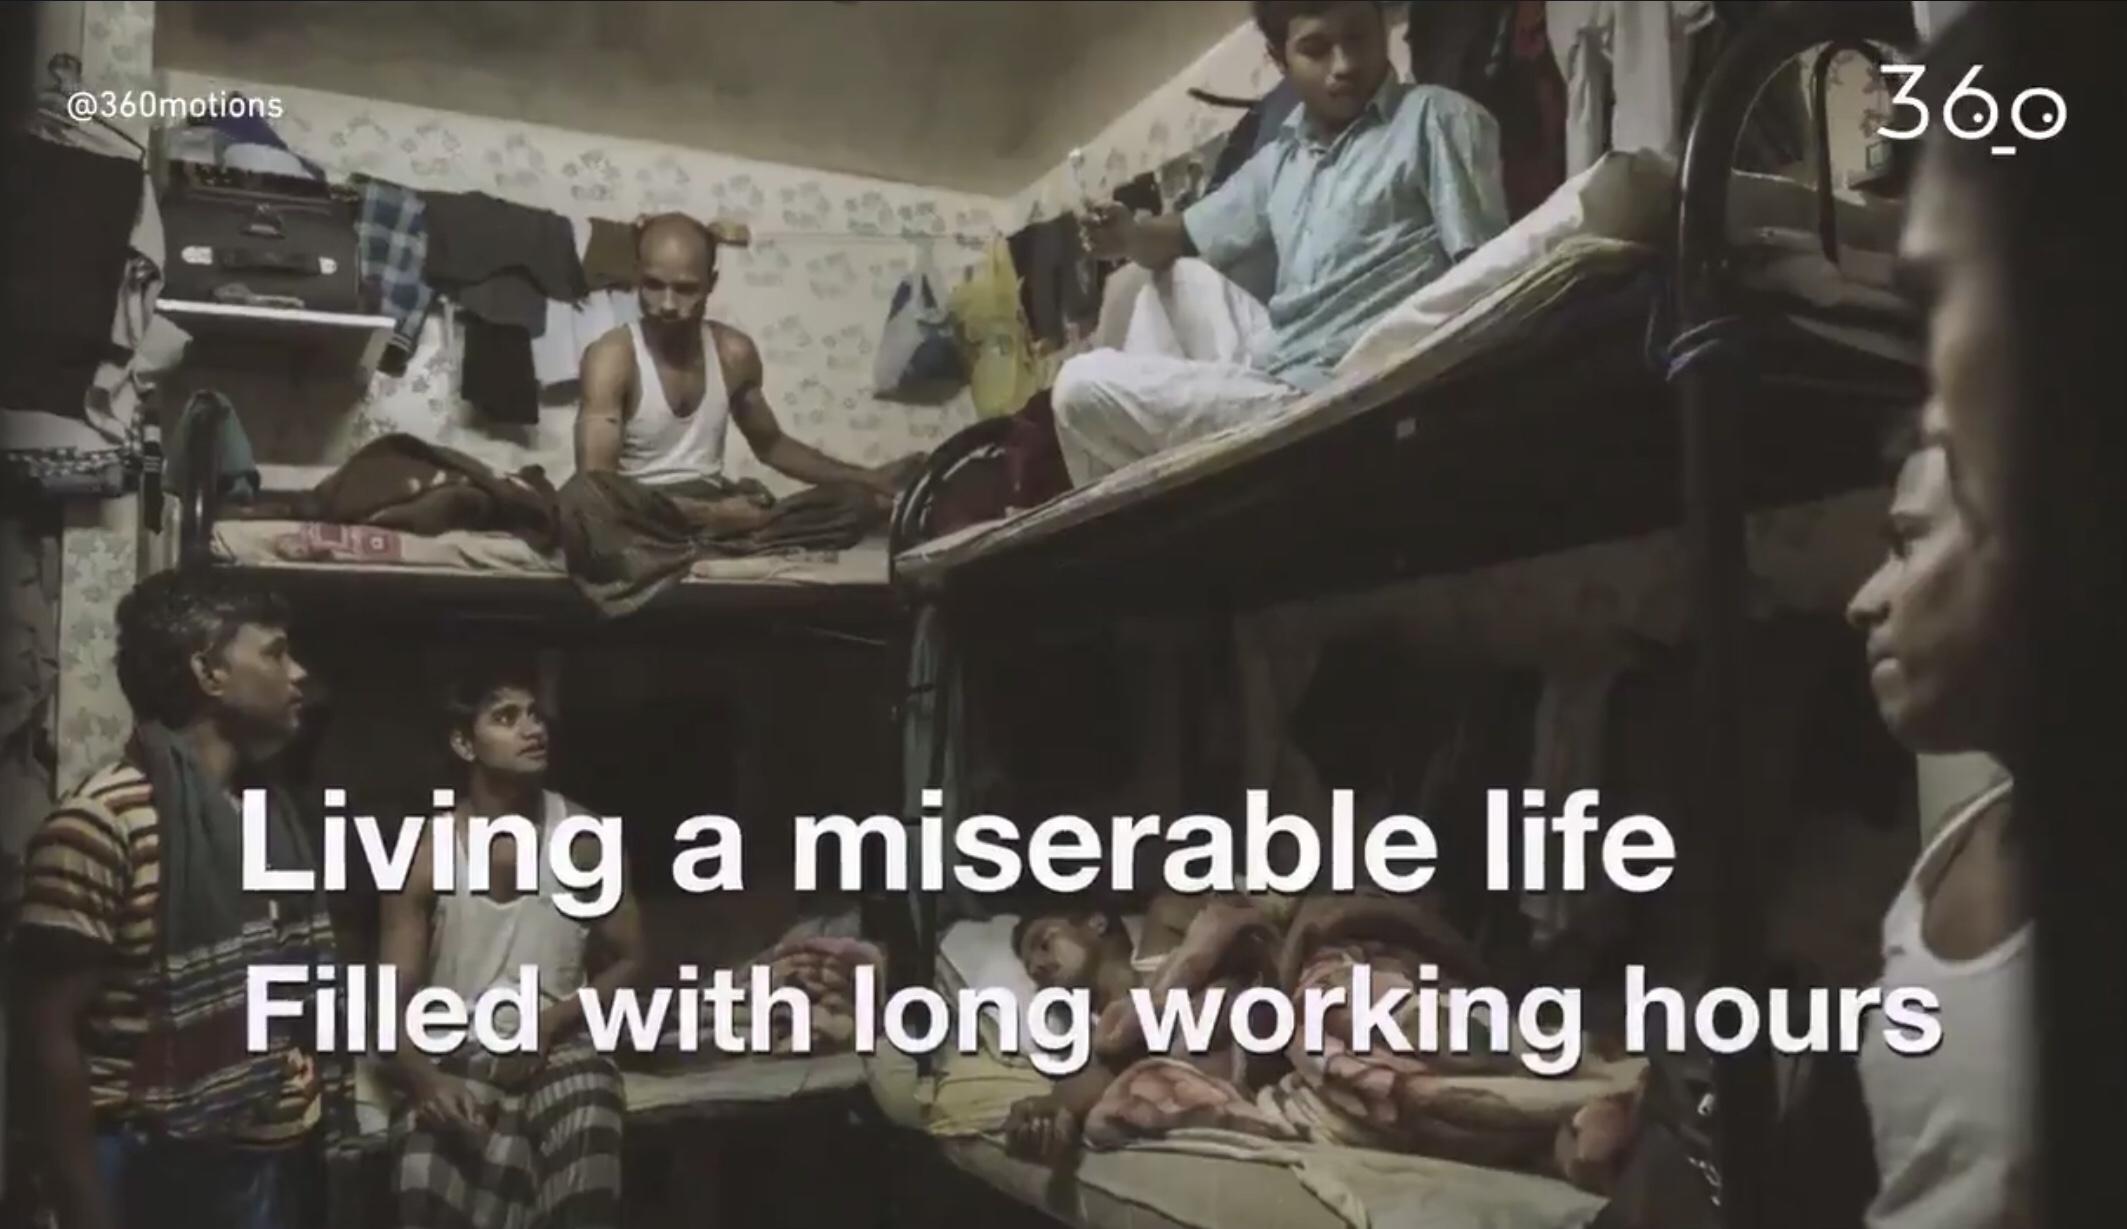 Βίντεο Κατάρ: Ως Μουντιάλ της φρίκης θα μείνει στην ιστορία για τους σκλάβους και τον άγνωστο αριθμό νεκρών